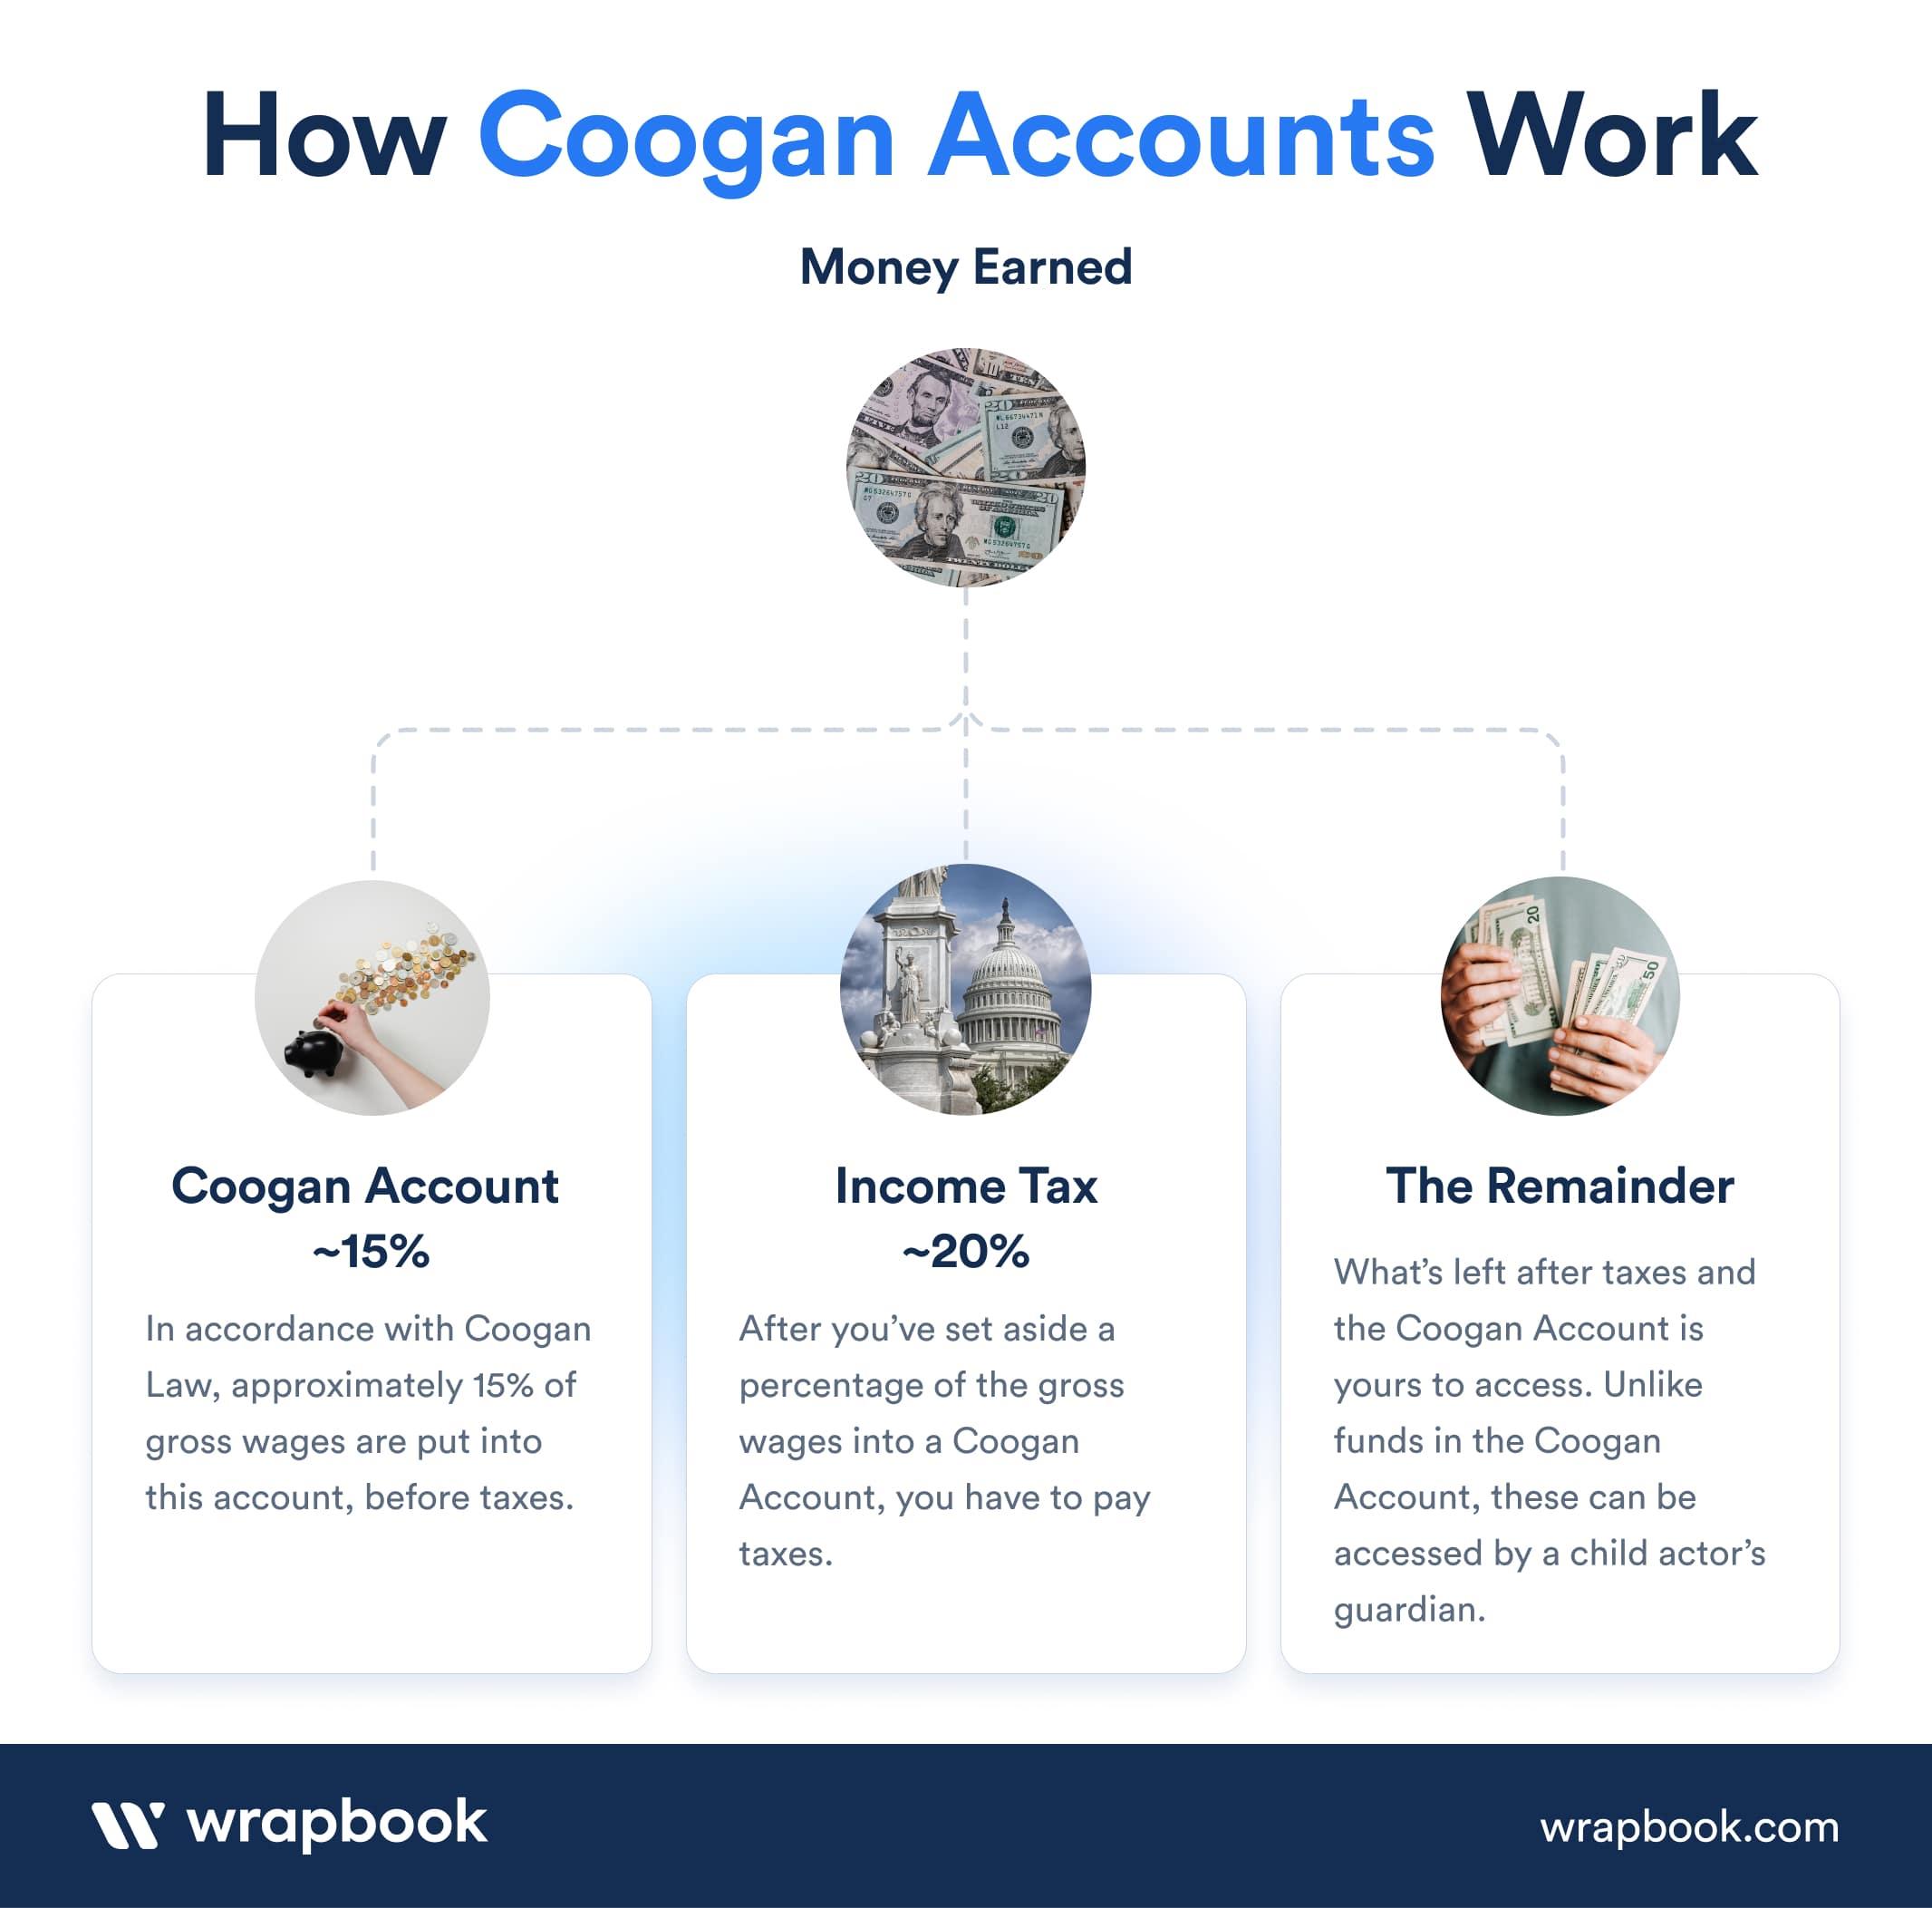 Coogan Law - Coogan Account - How Coogan Account Works Infographic - Wrapbook